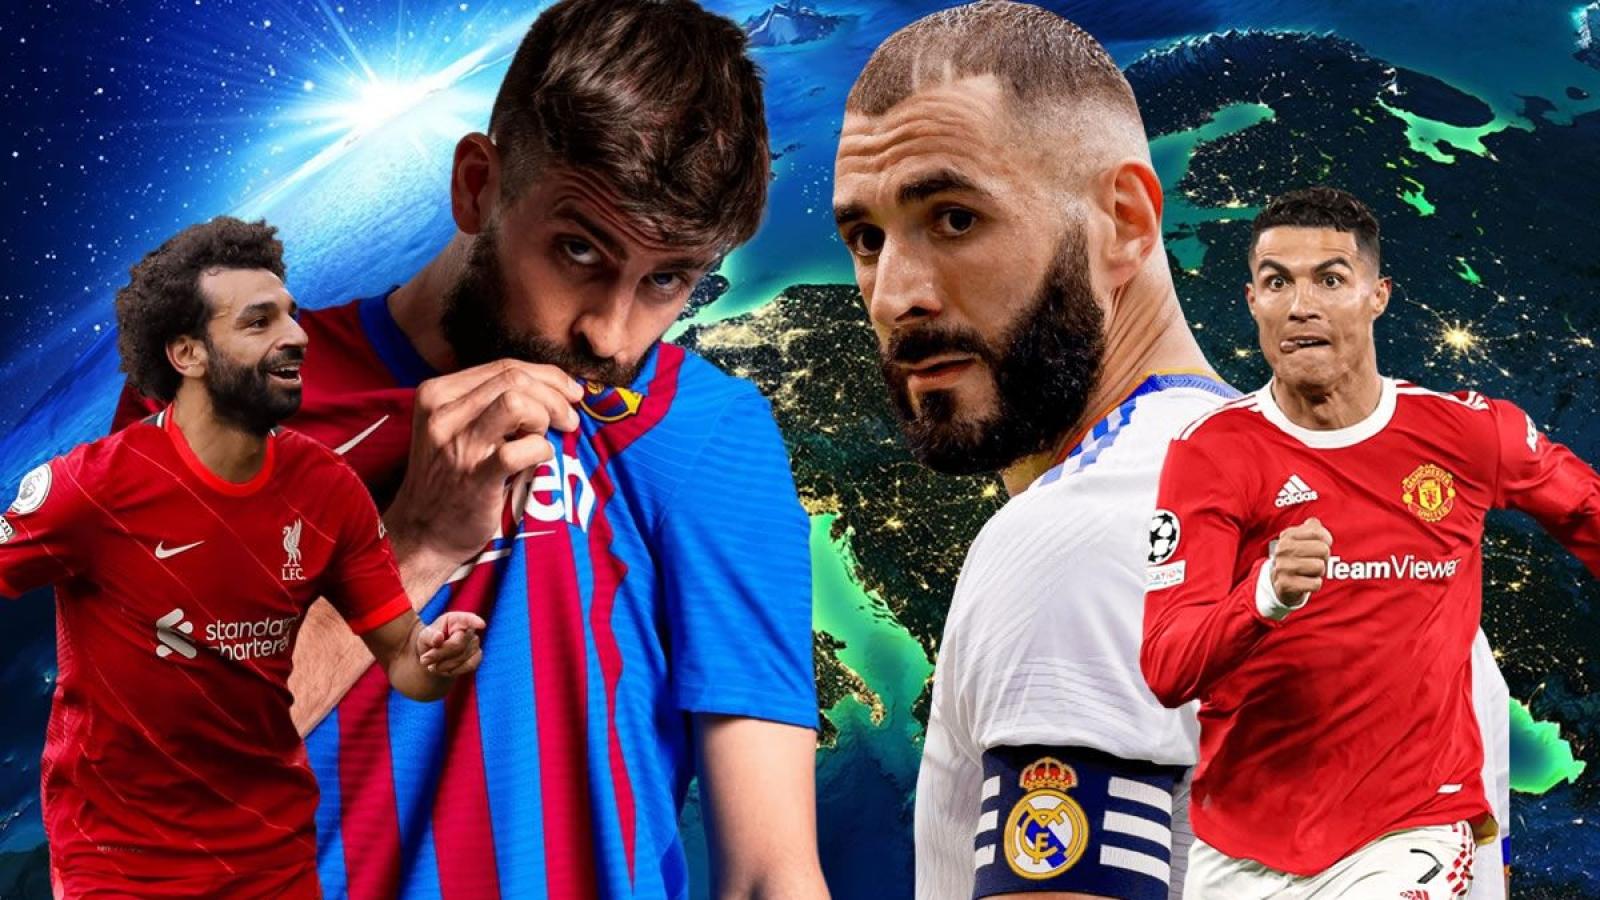 Lịch bóng đá hôm nay (24/10): MU đại chiến Liverpool, Barca đấu Real Madrid